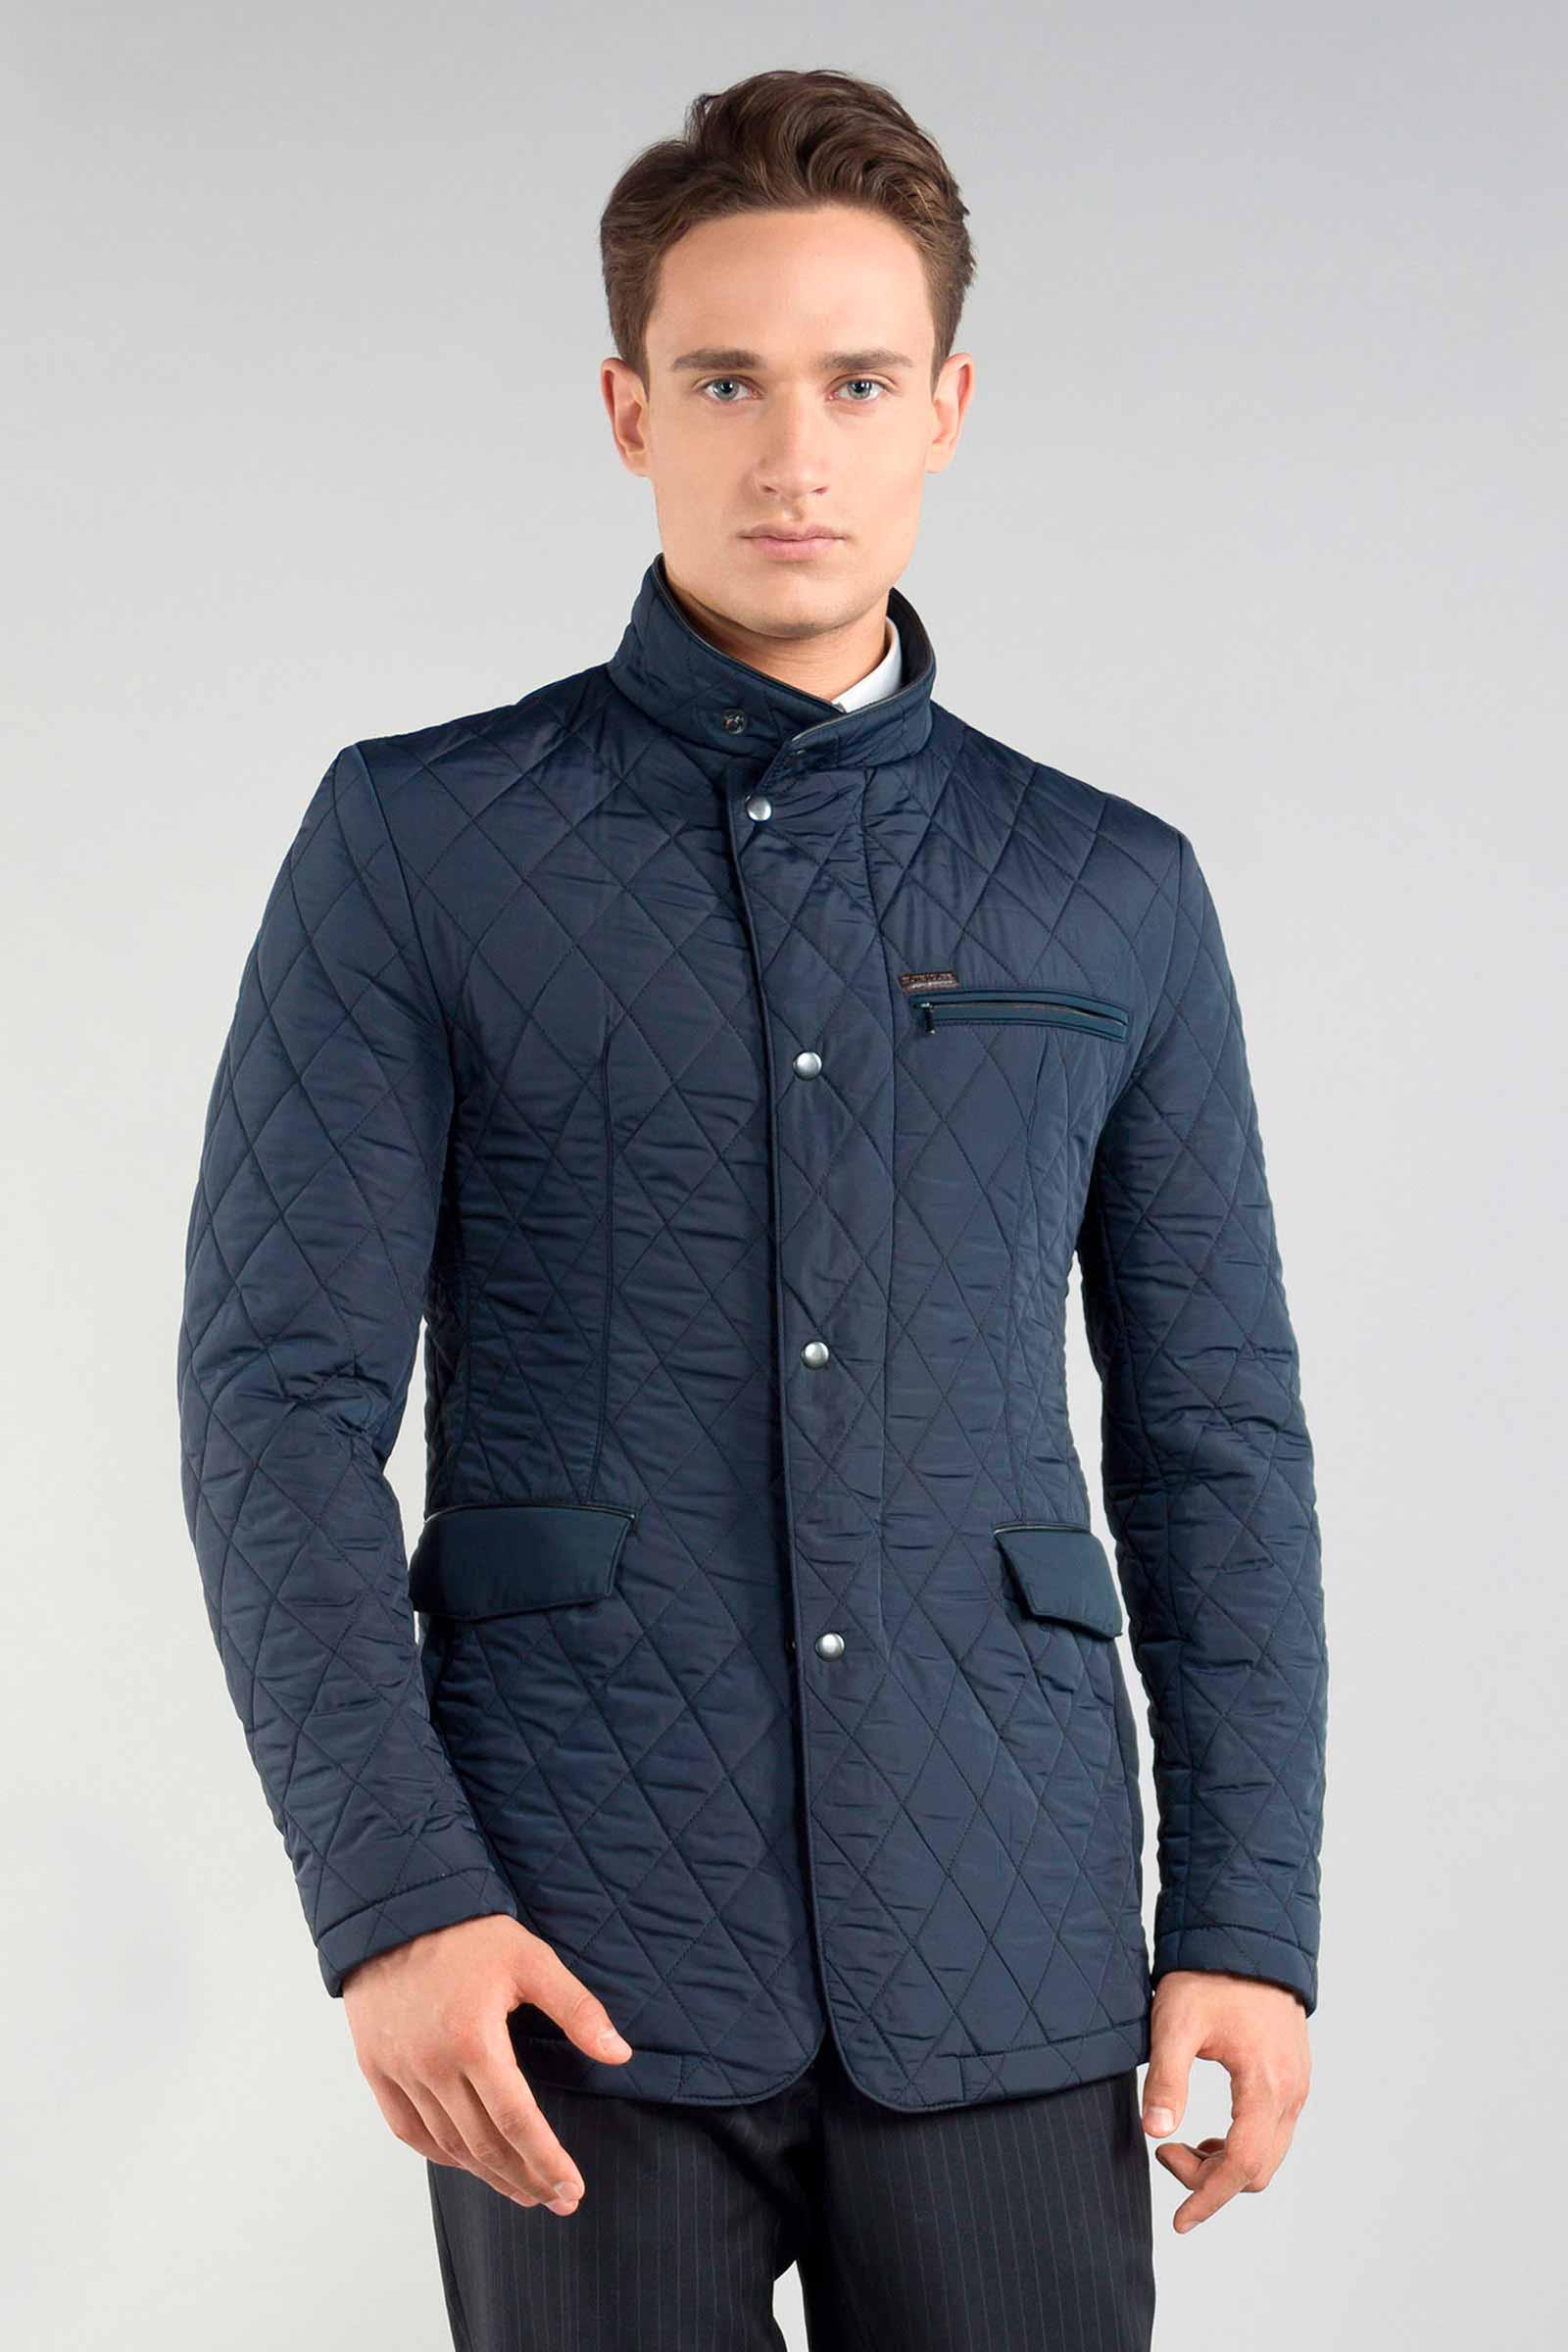 Мужские куртки от производителя Украина - фото